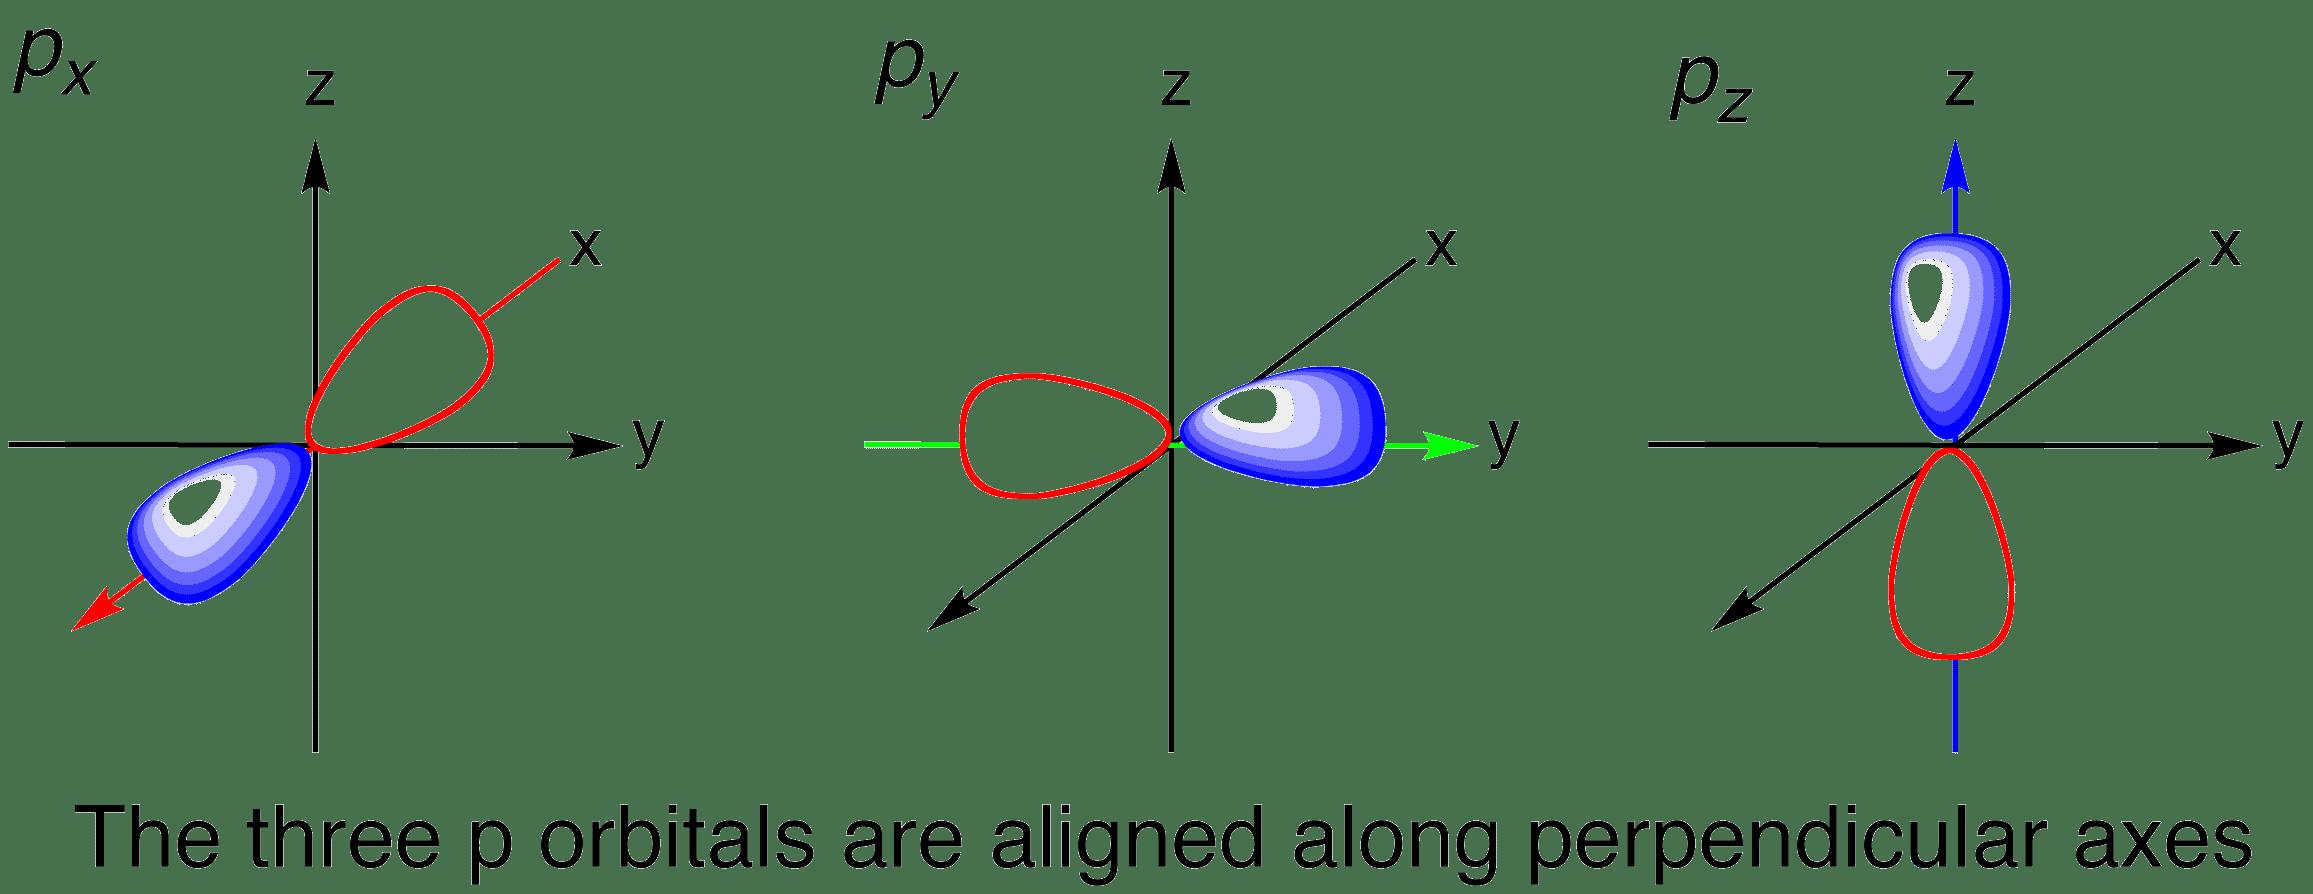 Shape of p-orbitals in 3D